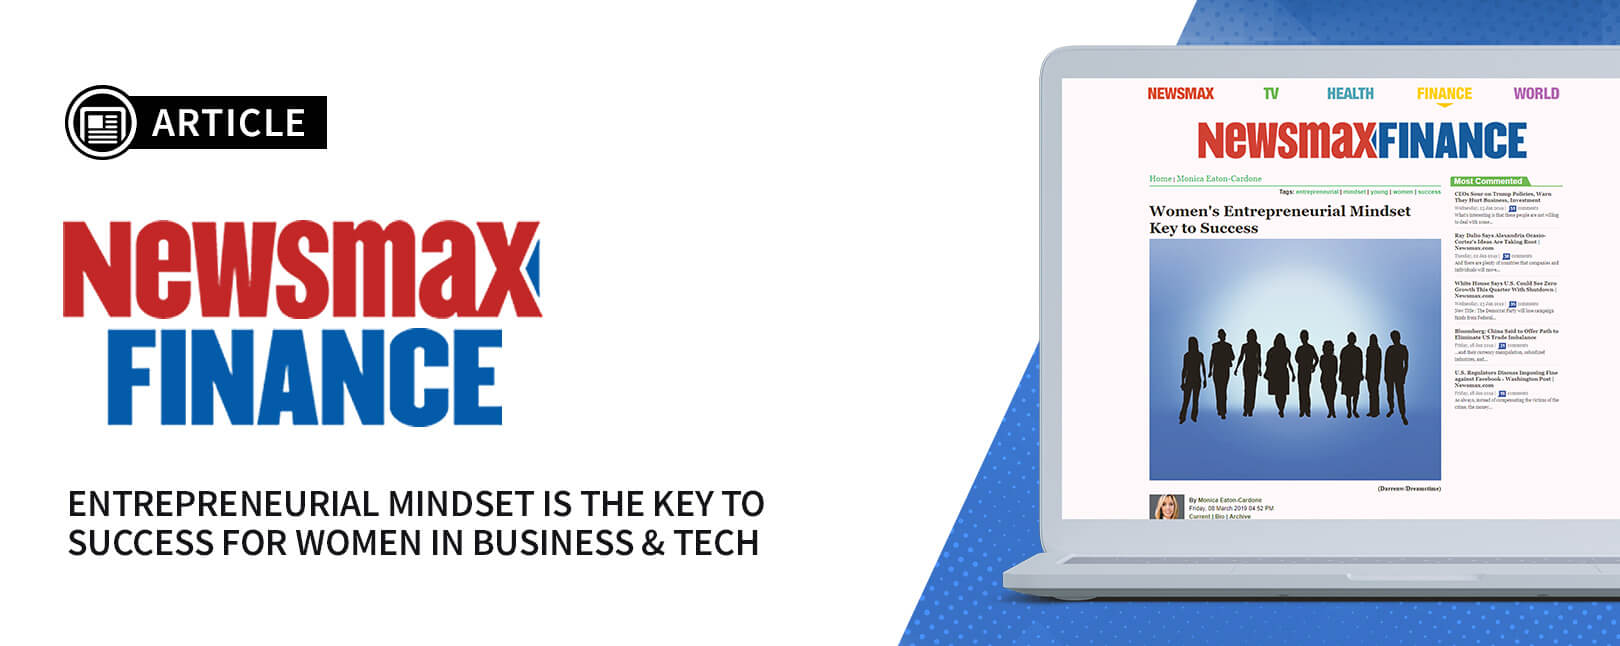 Entrepreneurial Mindset for Newsmax